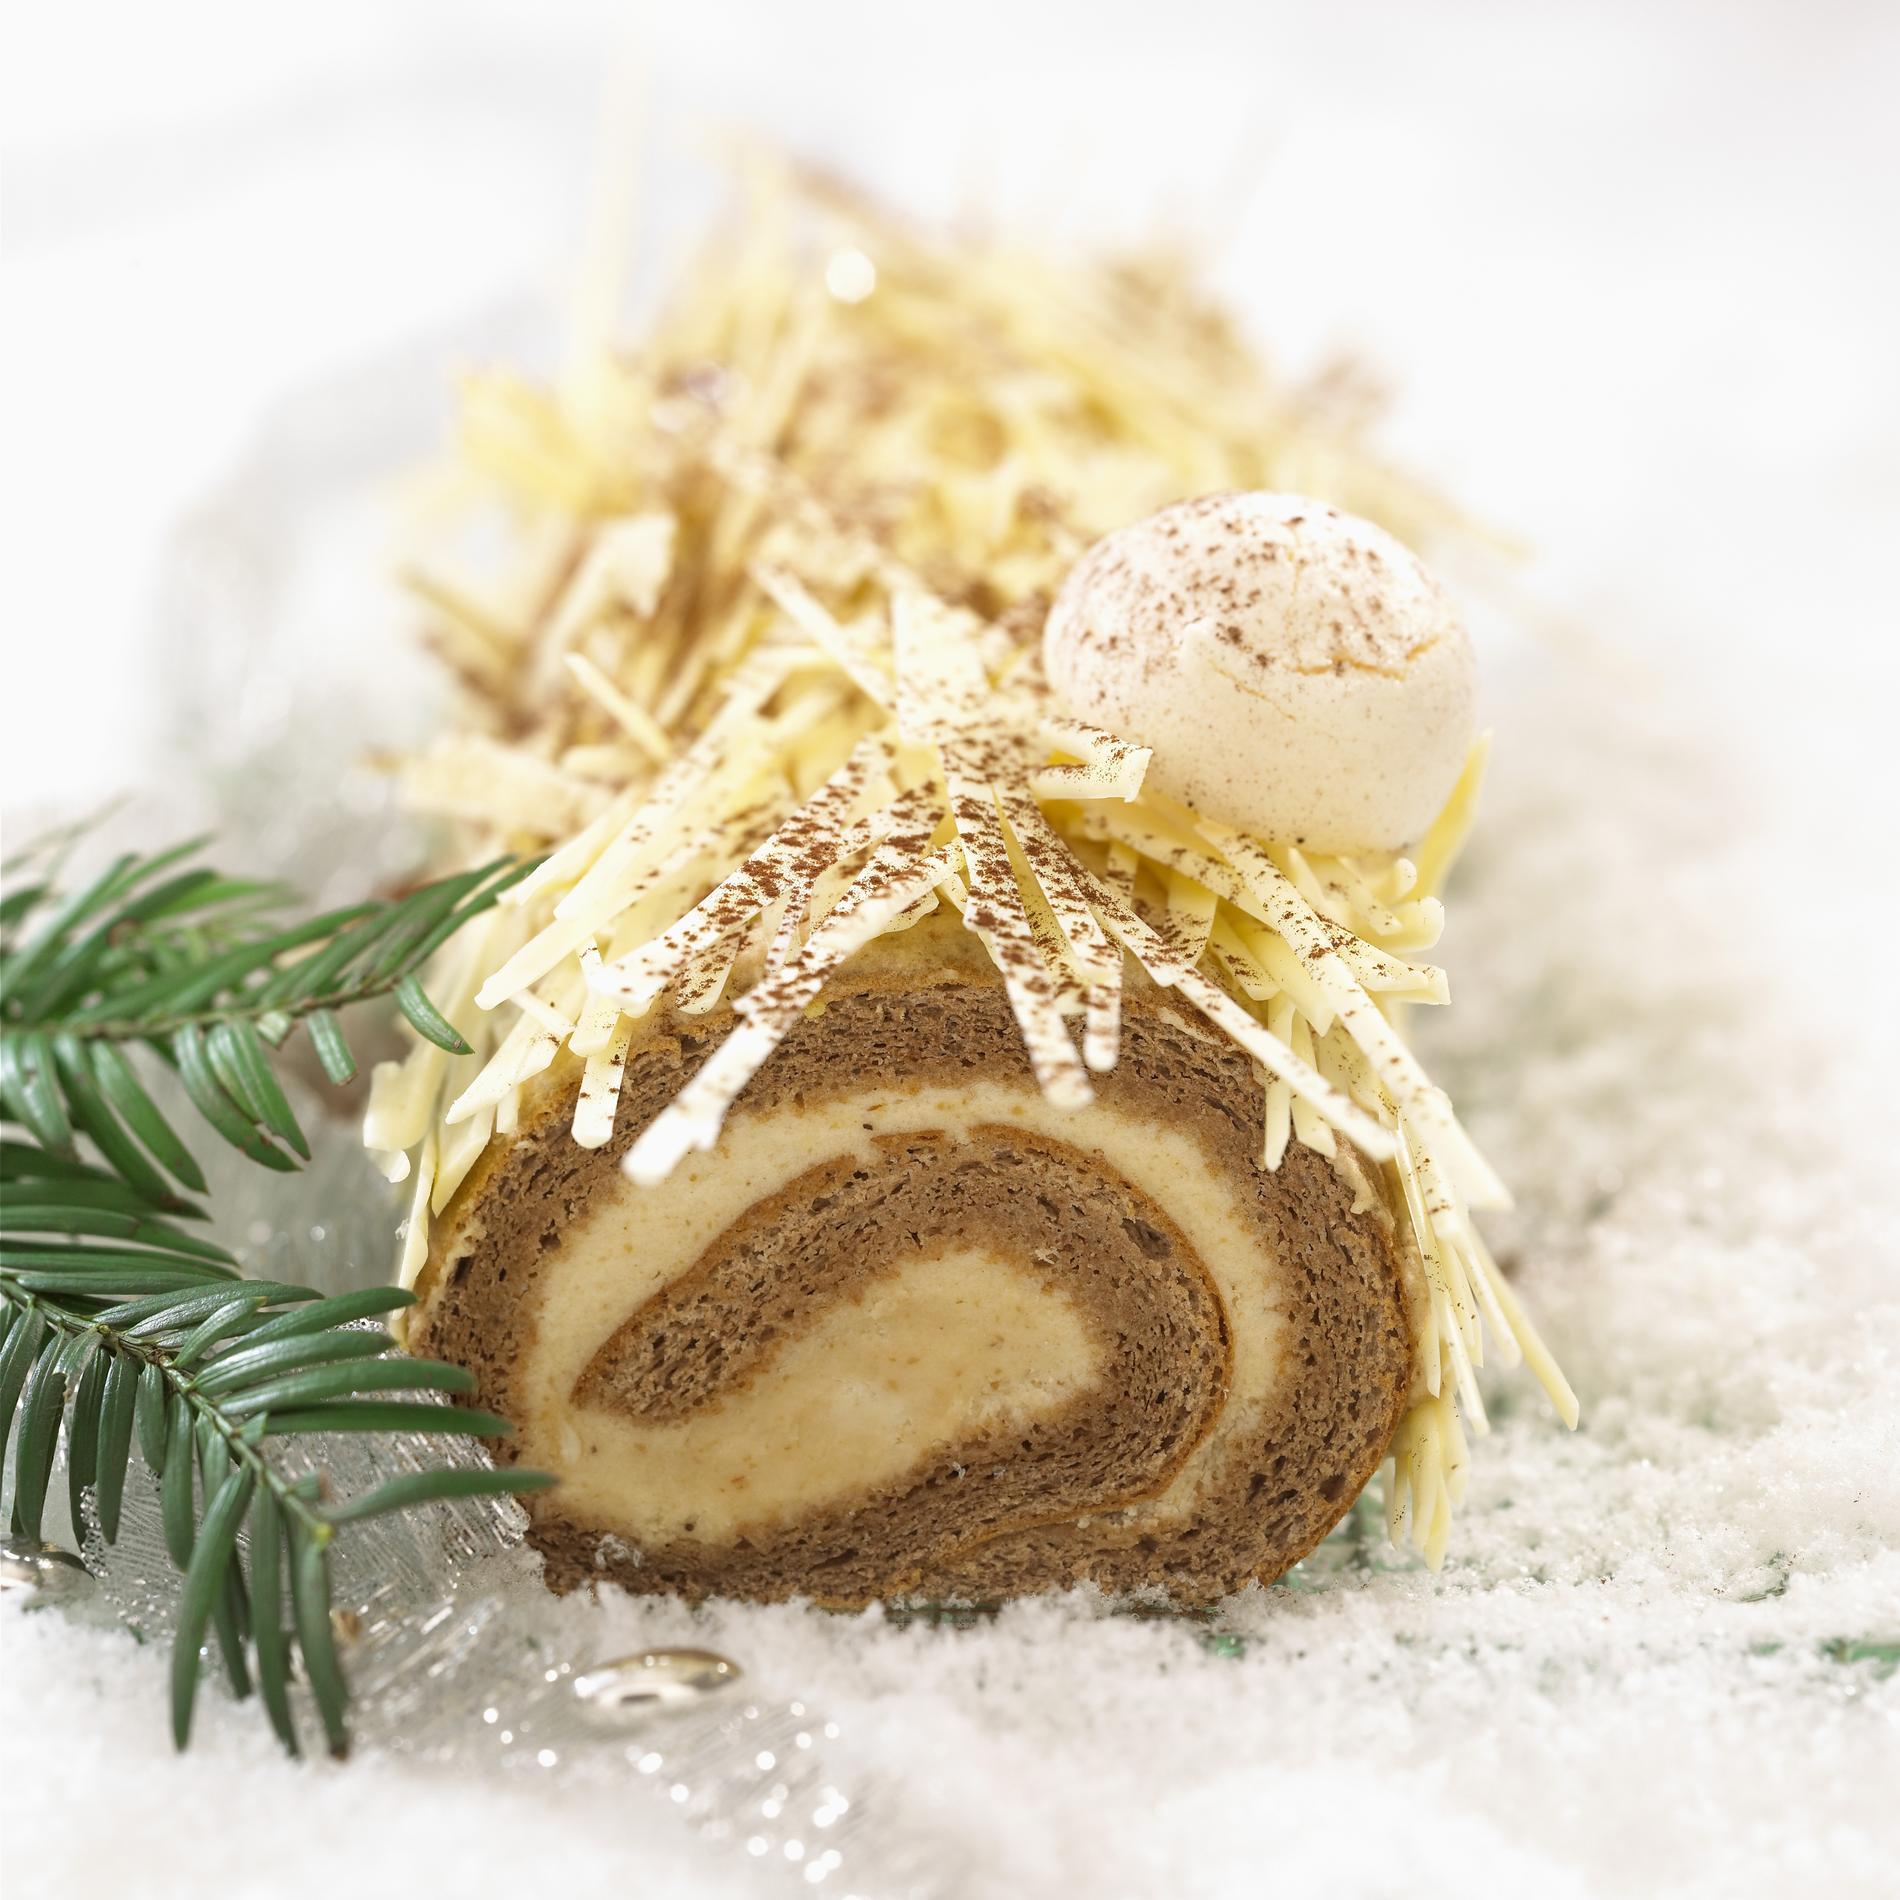 """Résultat de recherche d'images pour """"Bûche de Noël à la crème de marron et au chocolat blanc"""""""